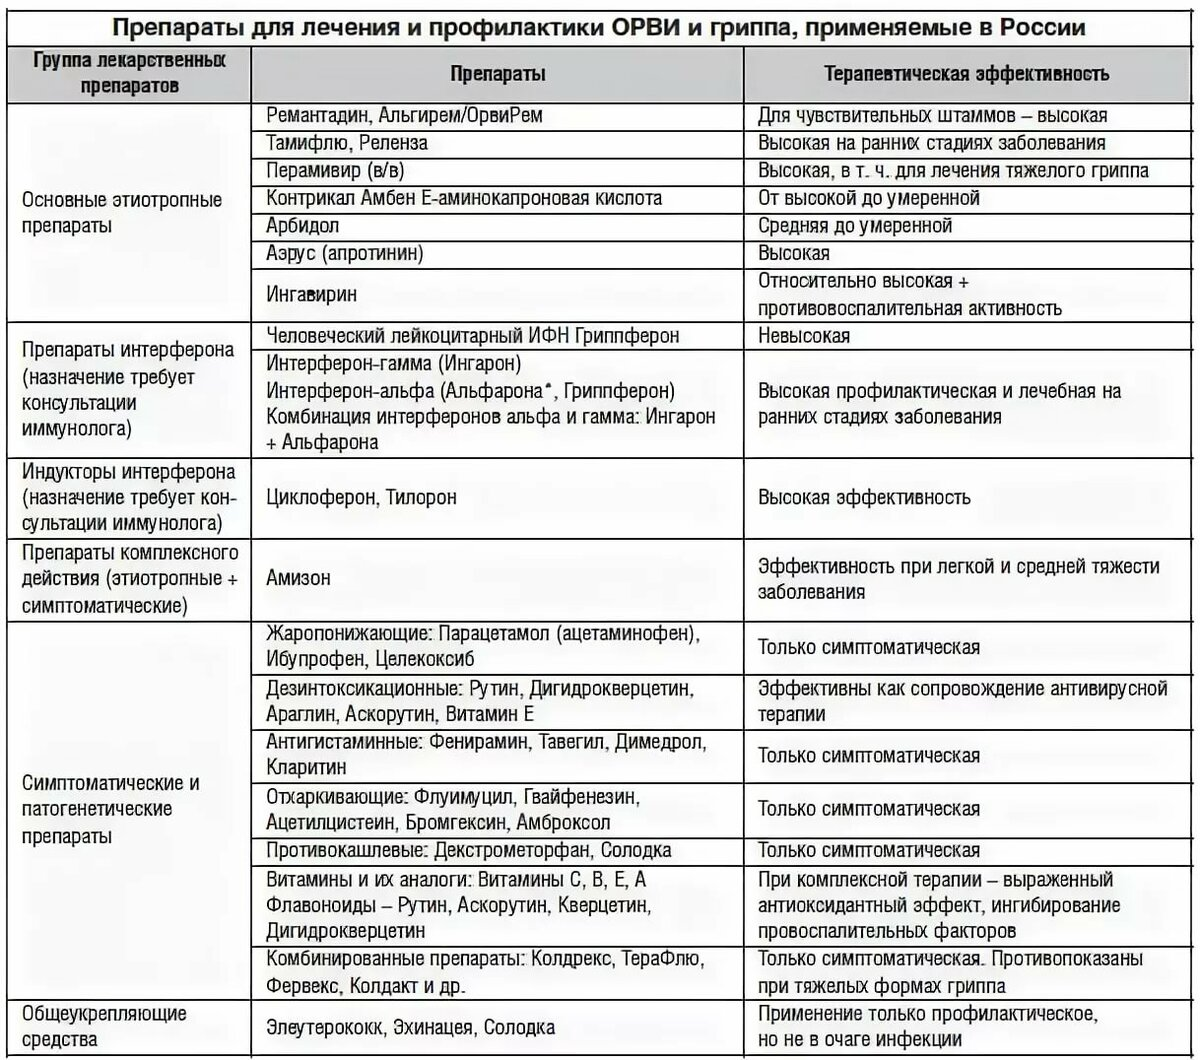 Воспаление аденоидов у детей: лечение - подробная информация